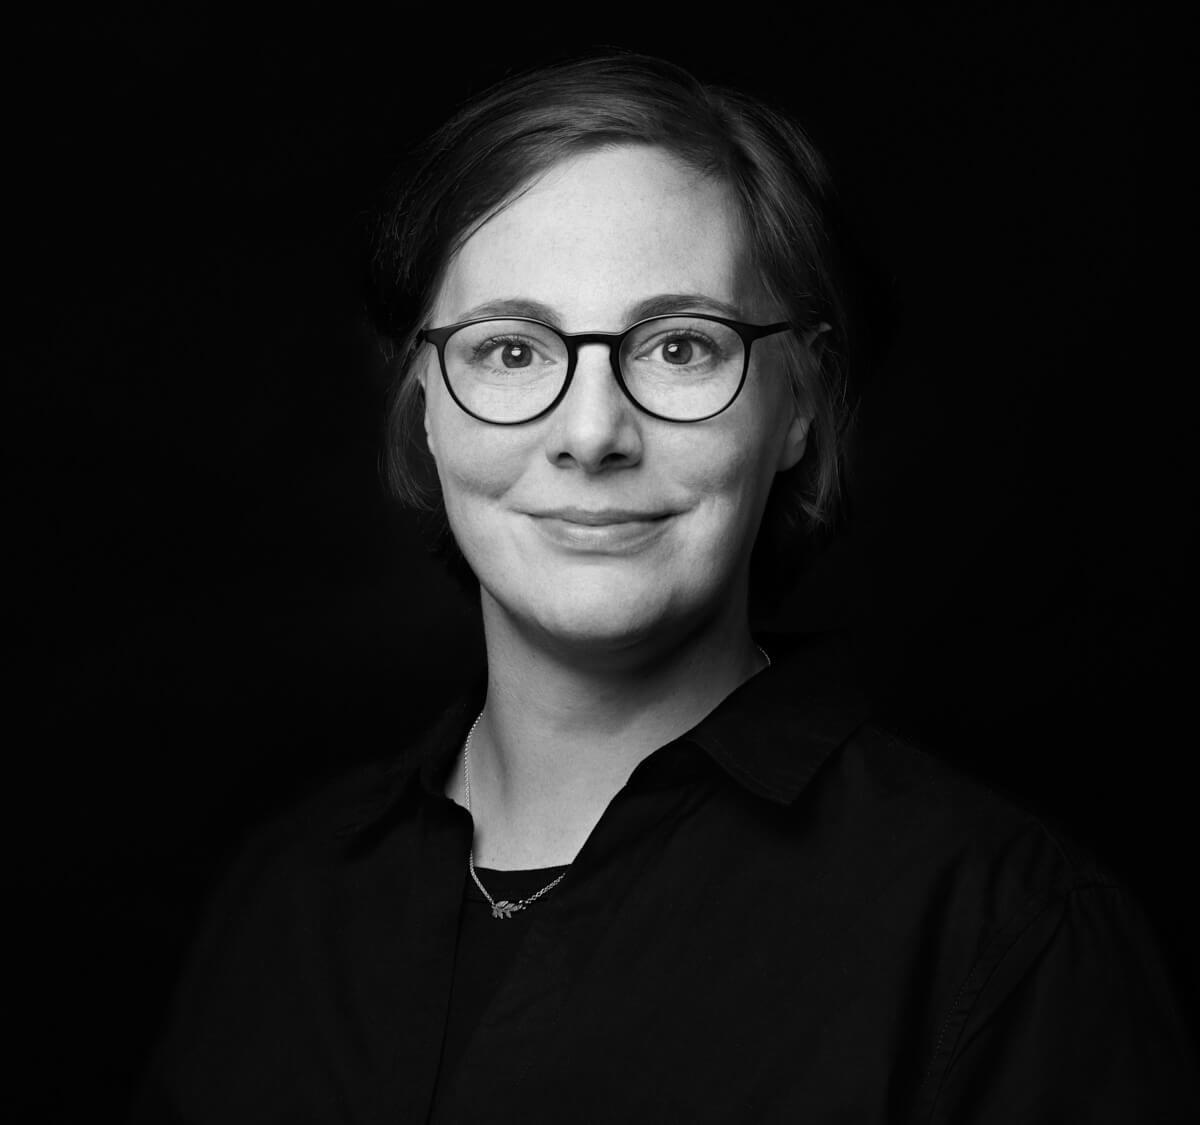 Kerstin Schulze